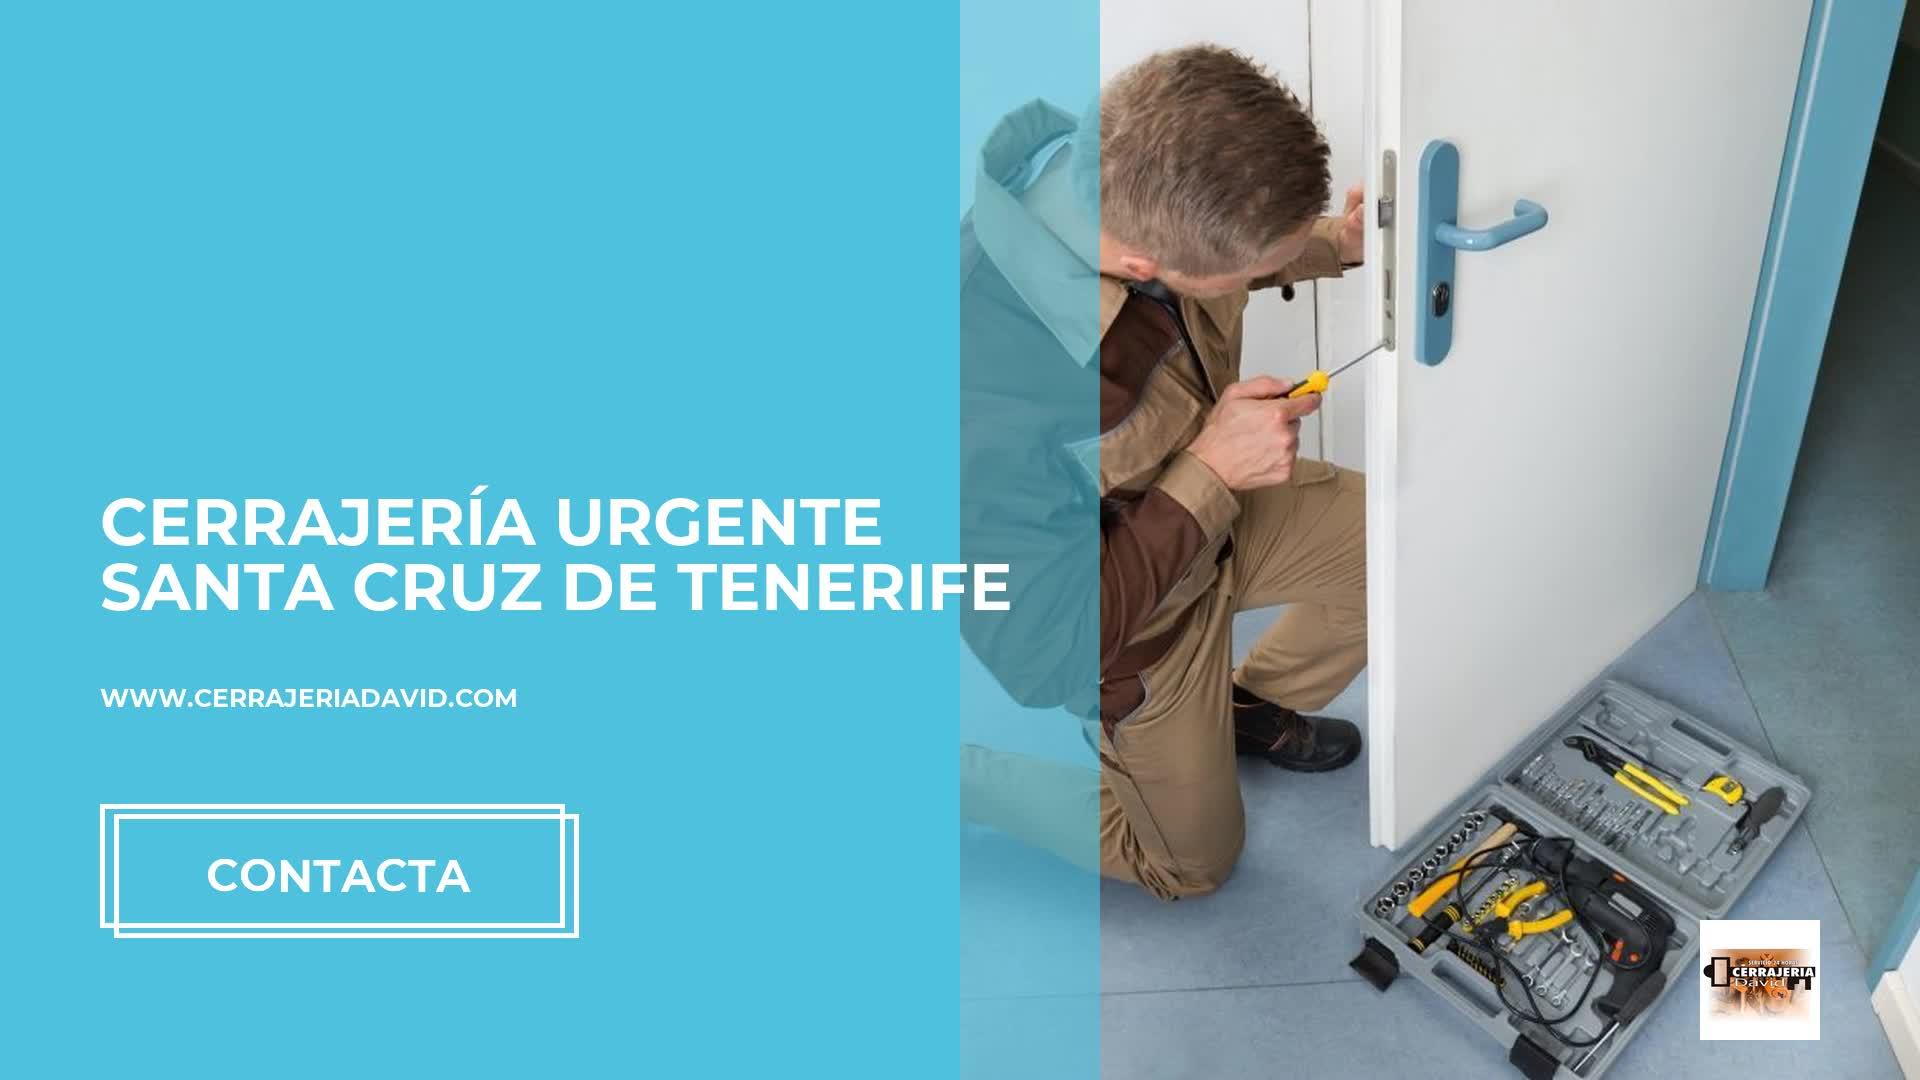 Cerrajería Urgente En Santa Cruz De Tenerife Cerrajería David